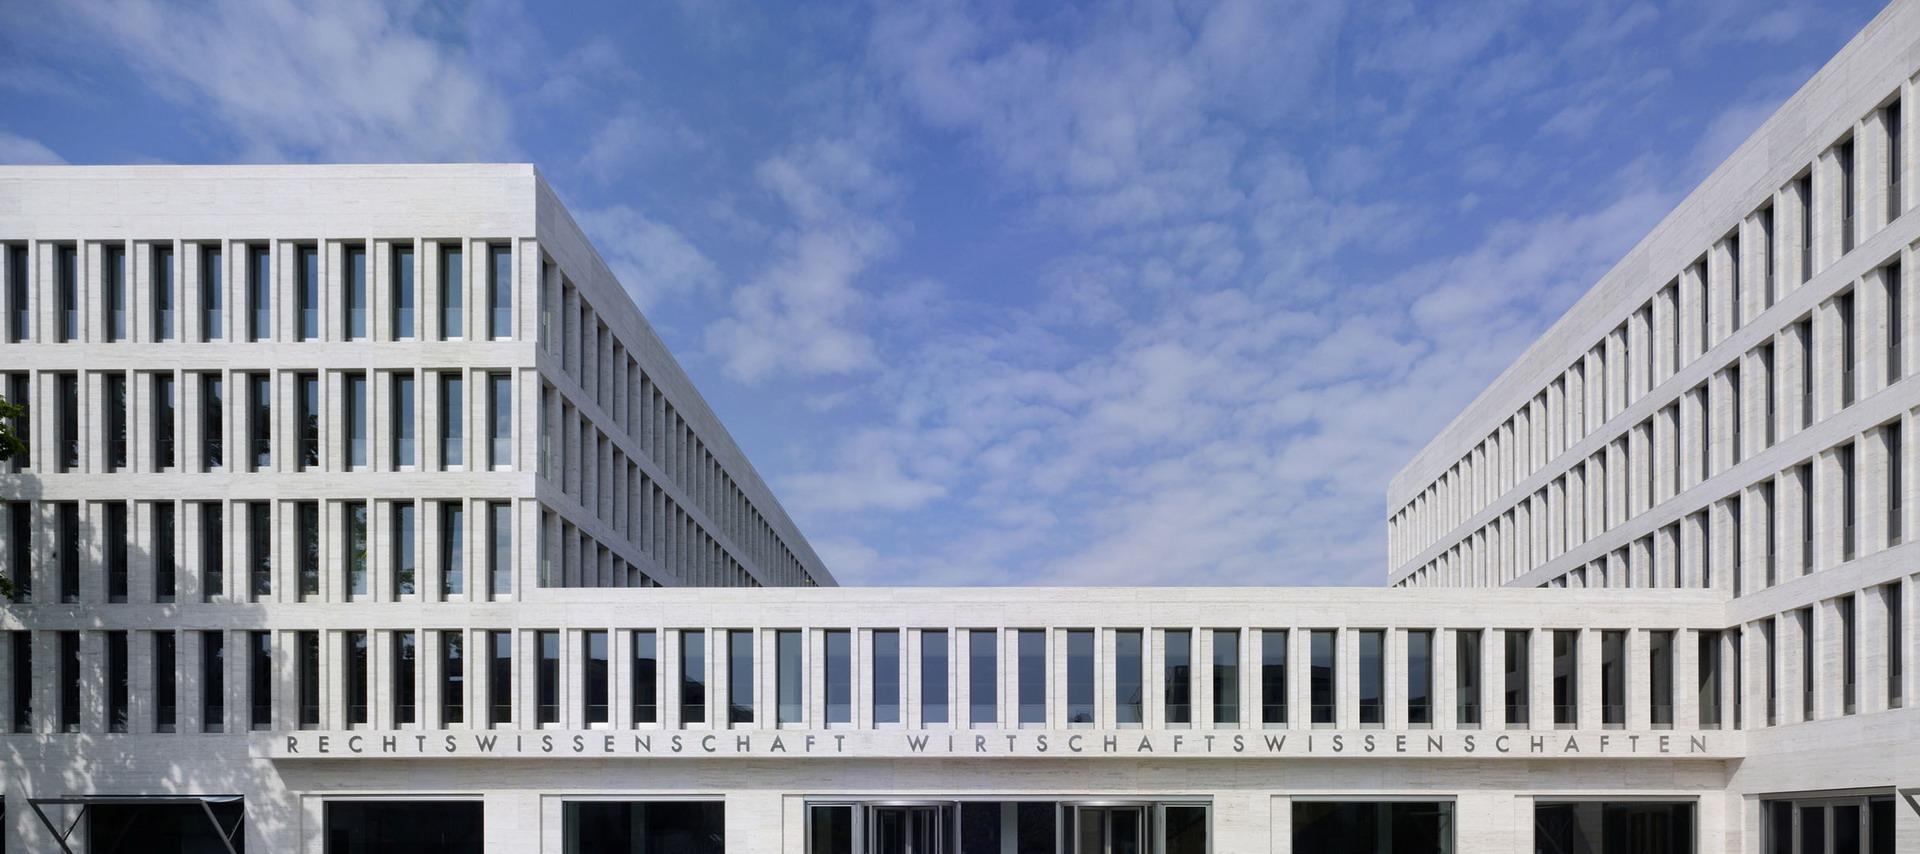 200-ruw-fakultaeten-recht-wirtschaft-campus-i-frankfurt-haupeingang-frontal_01_ridimensionare